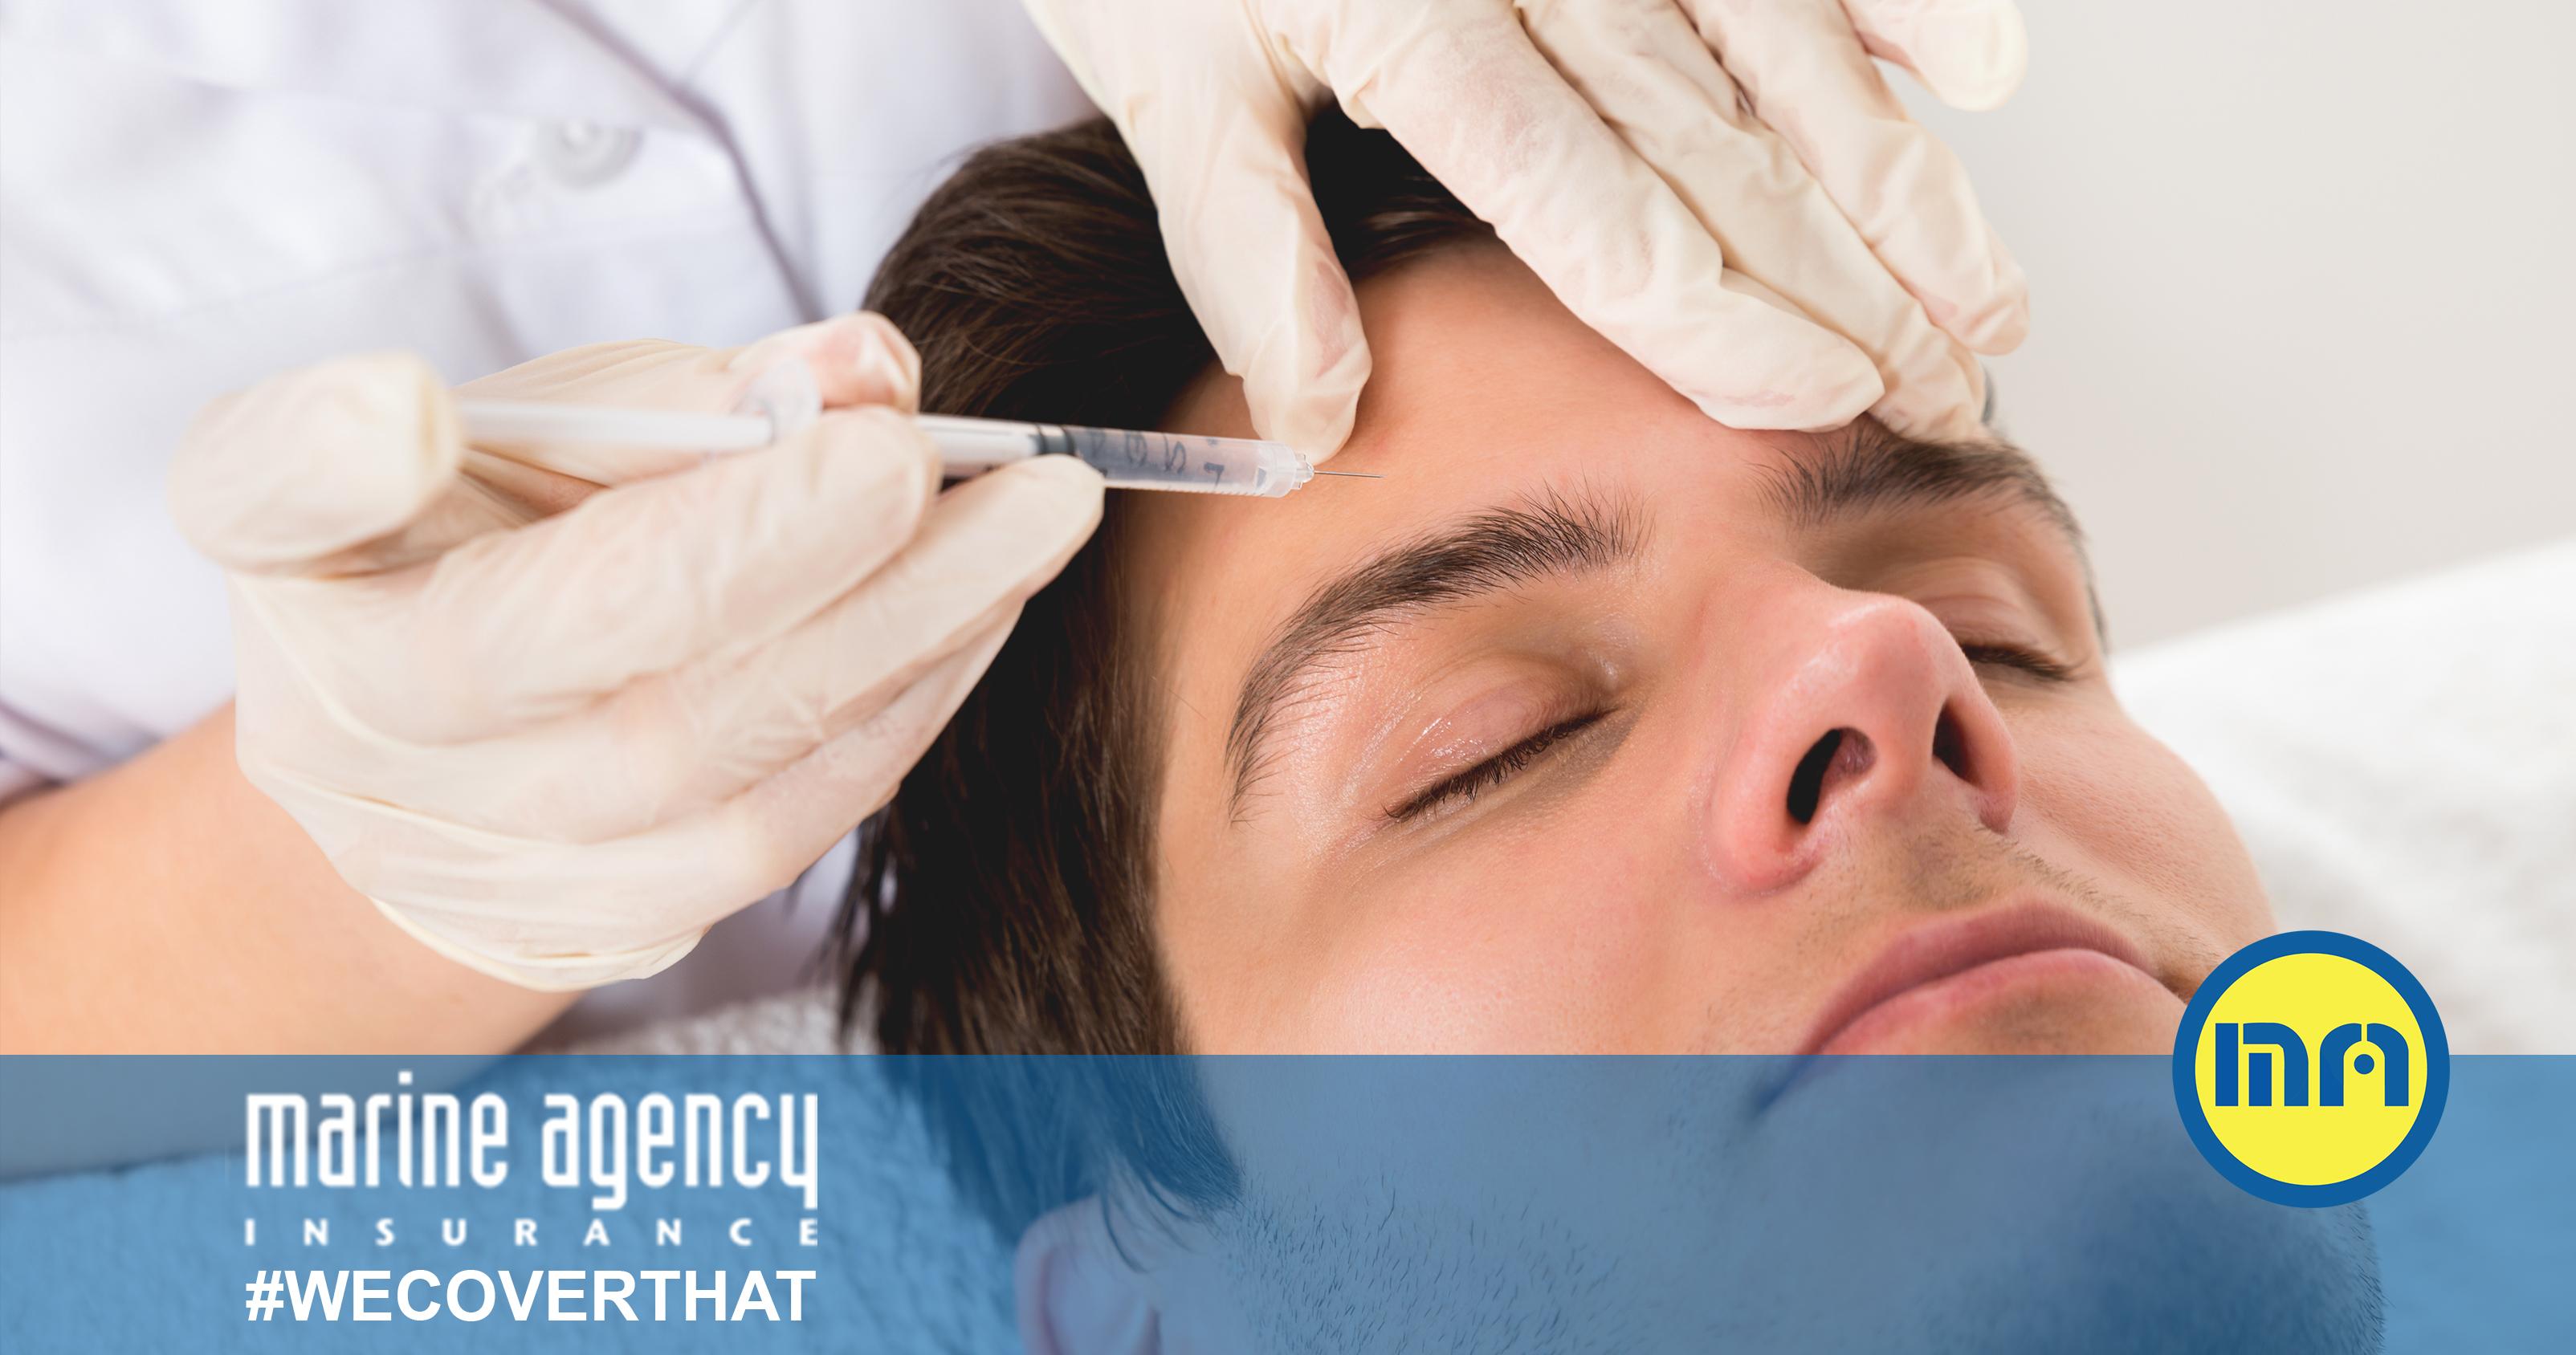 botox for men's foreheads